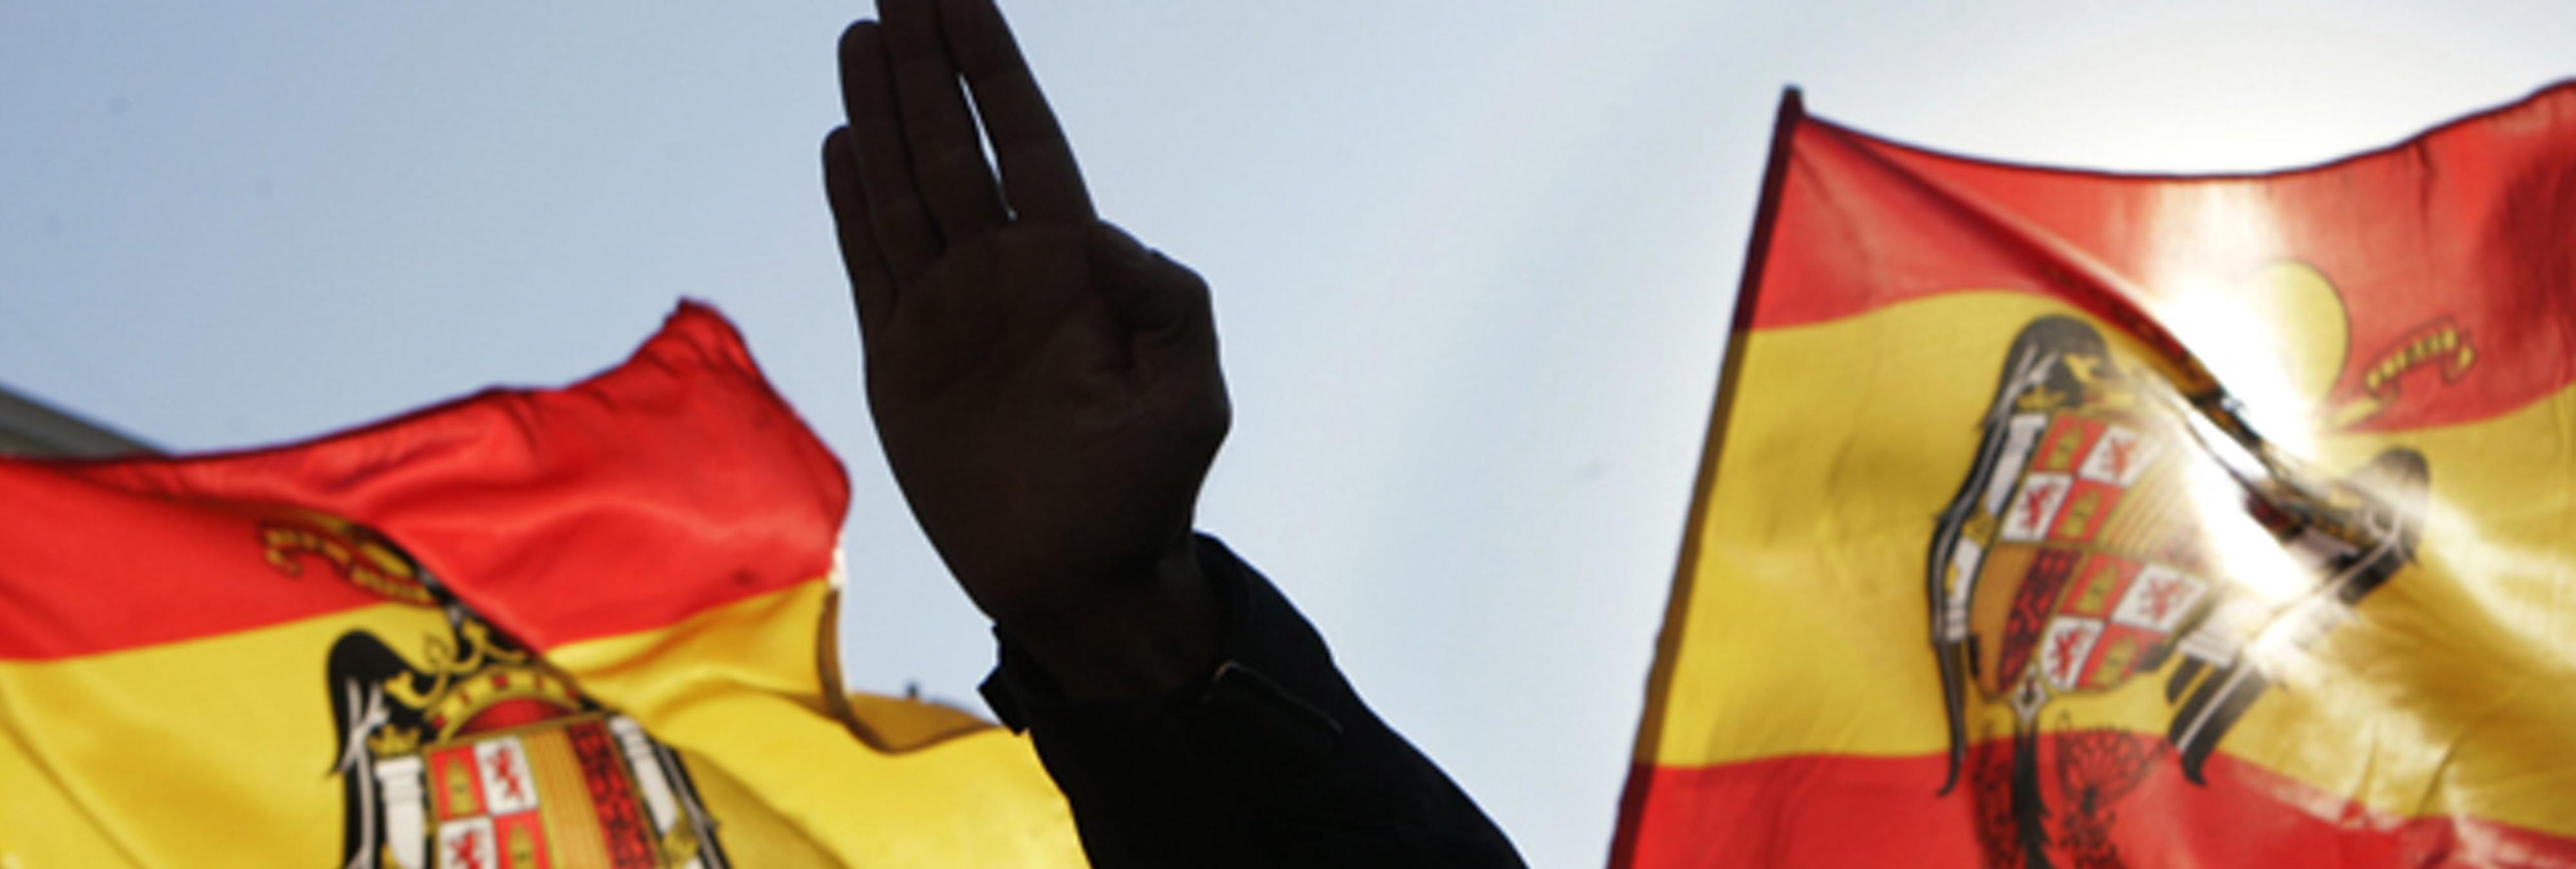 El PP de Alella incluye la bandera franquista en su felicitación navideña